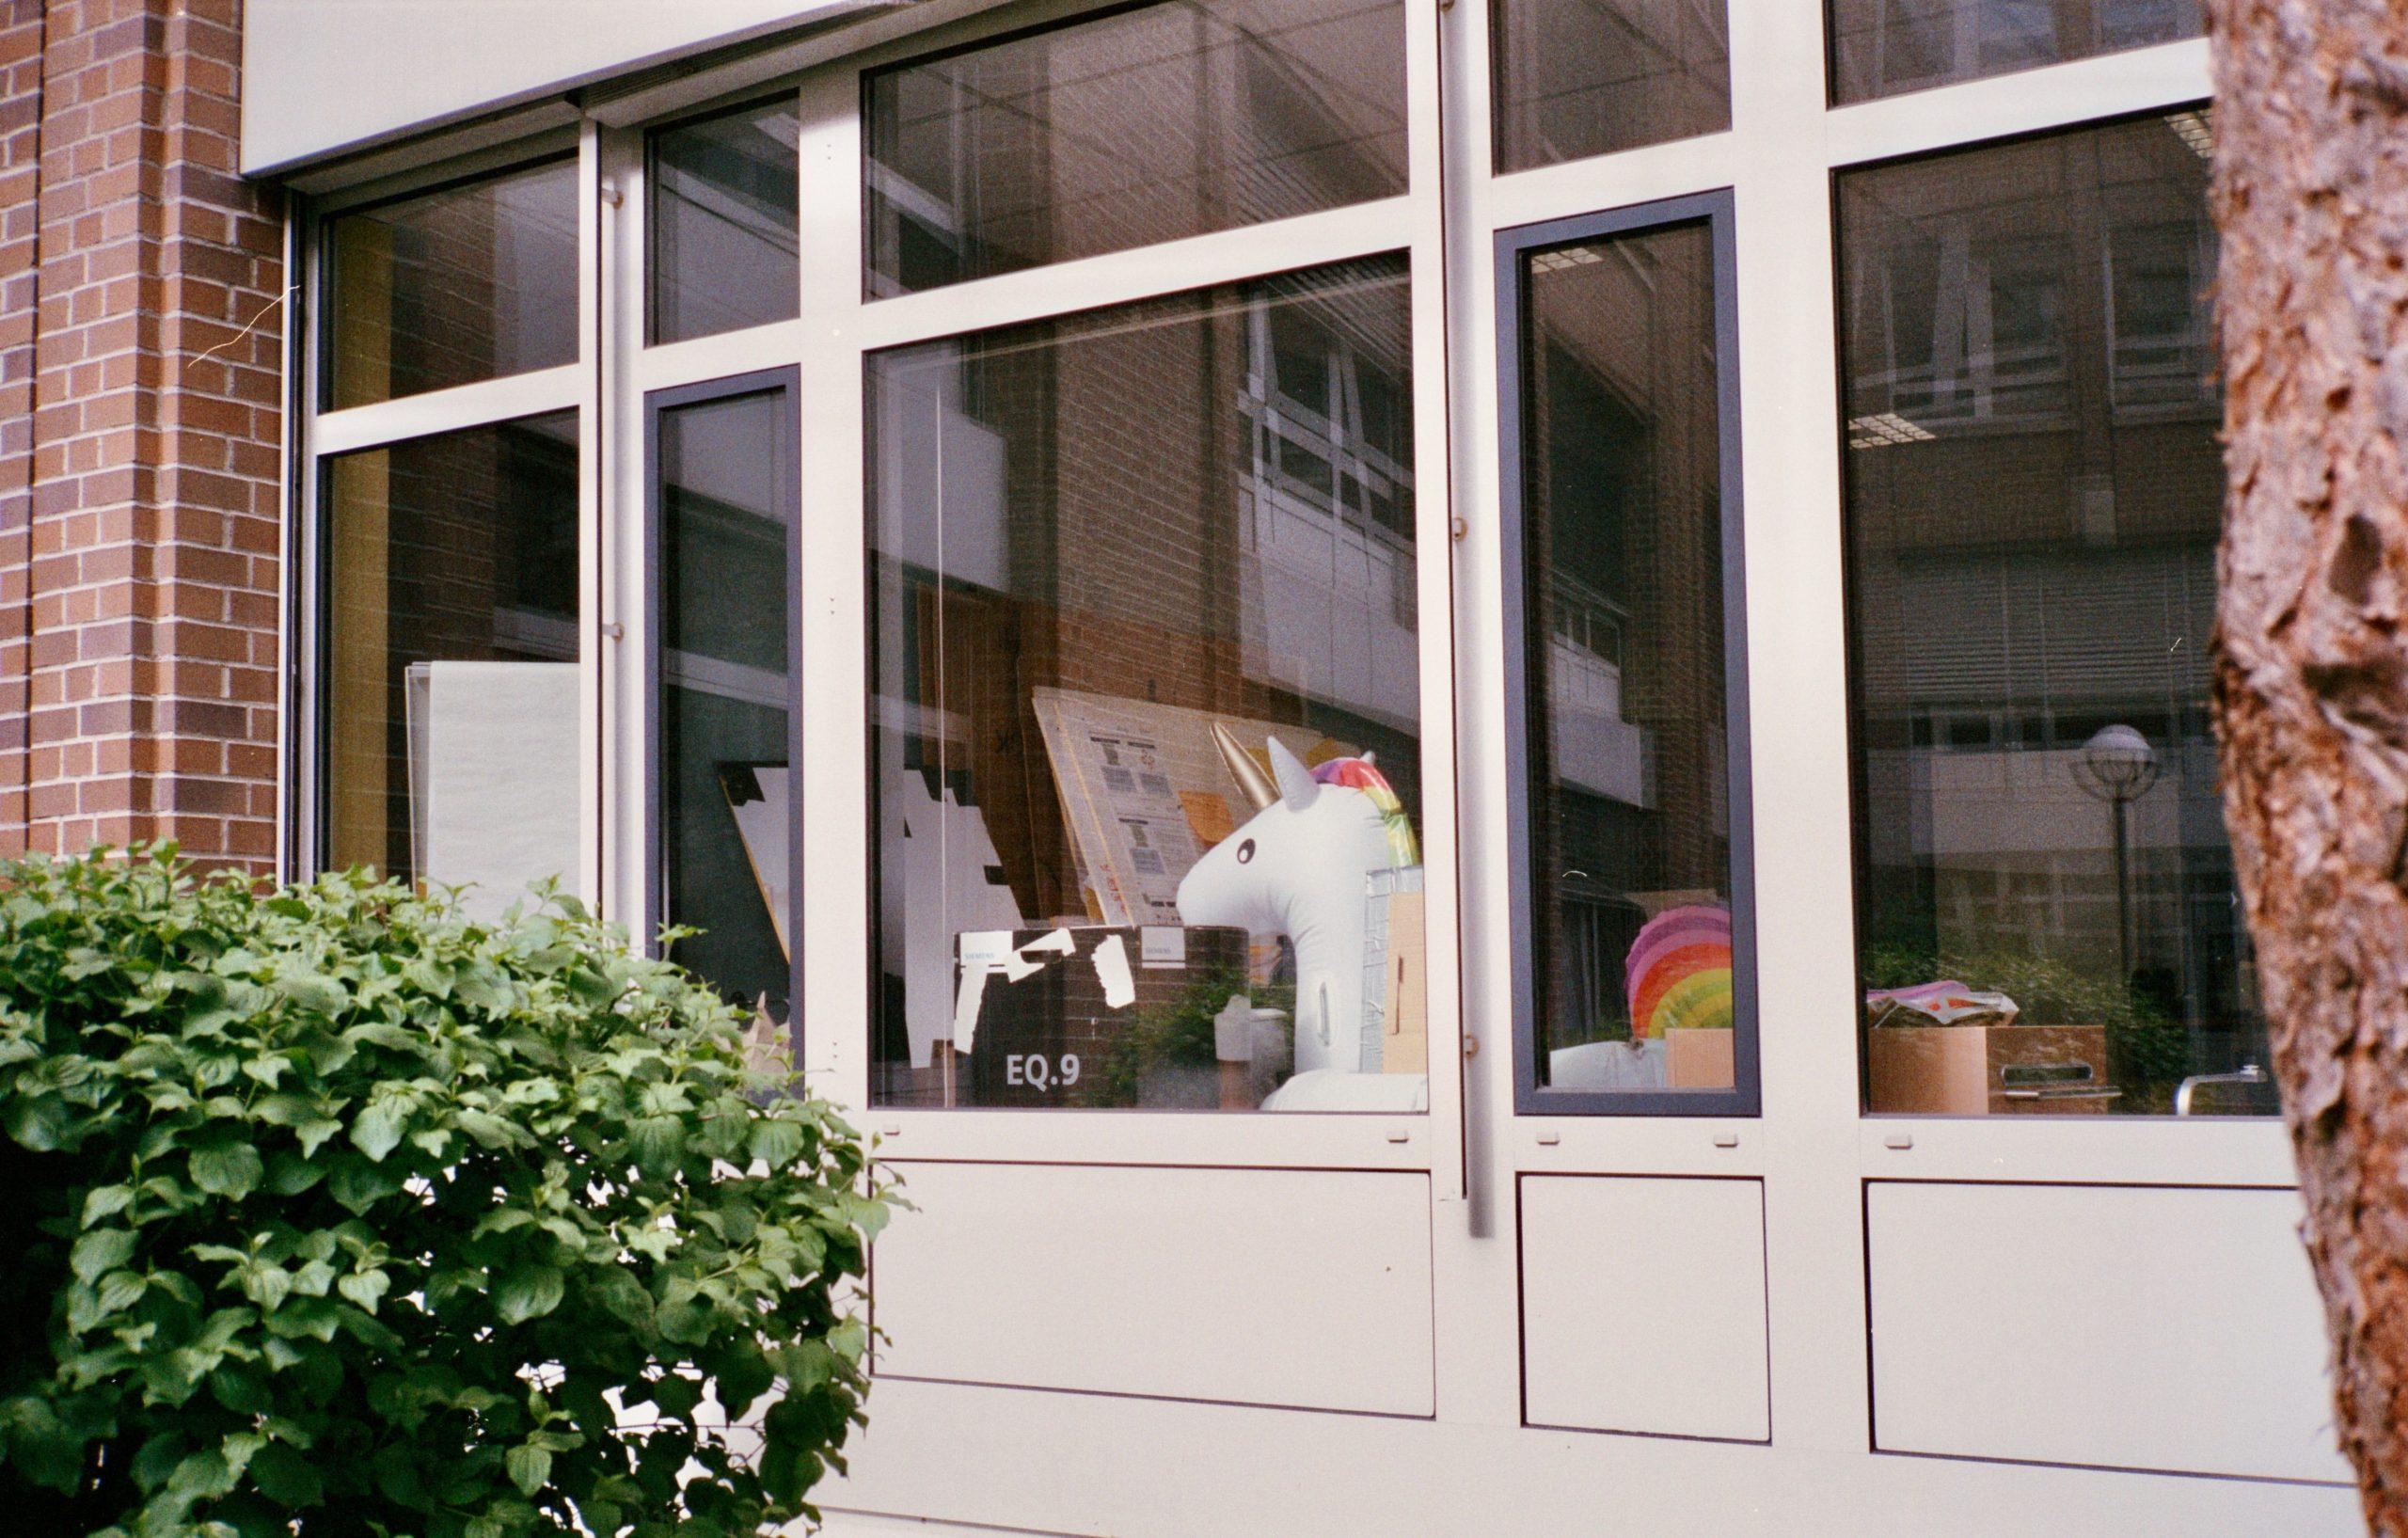 Bild zum Praktikums-Abschiedsblog